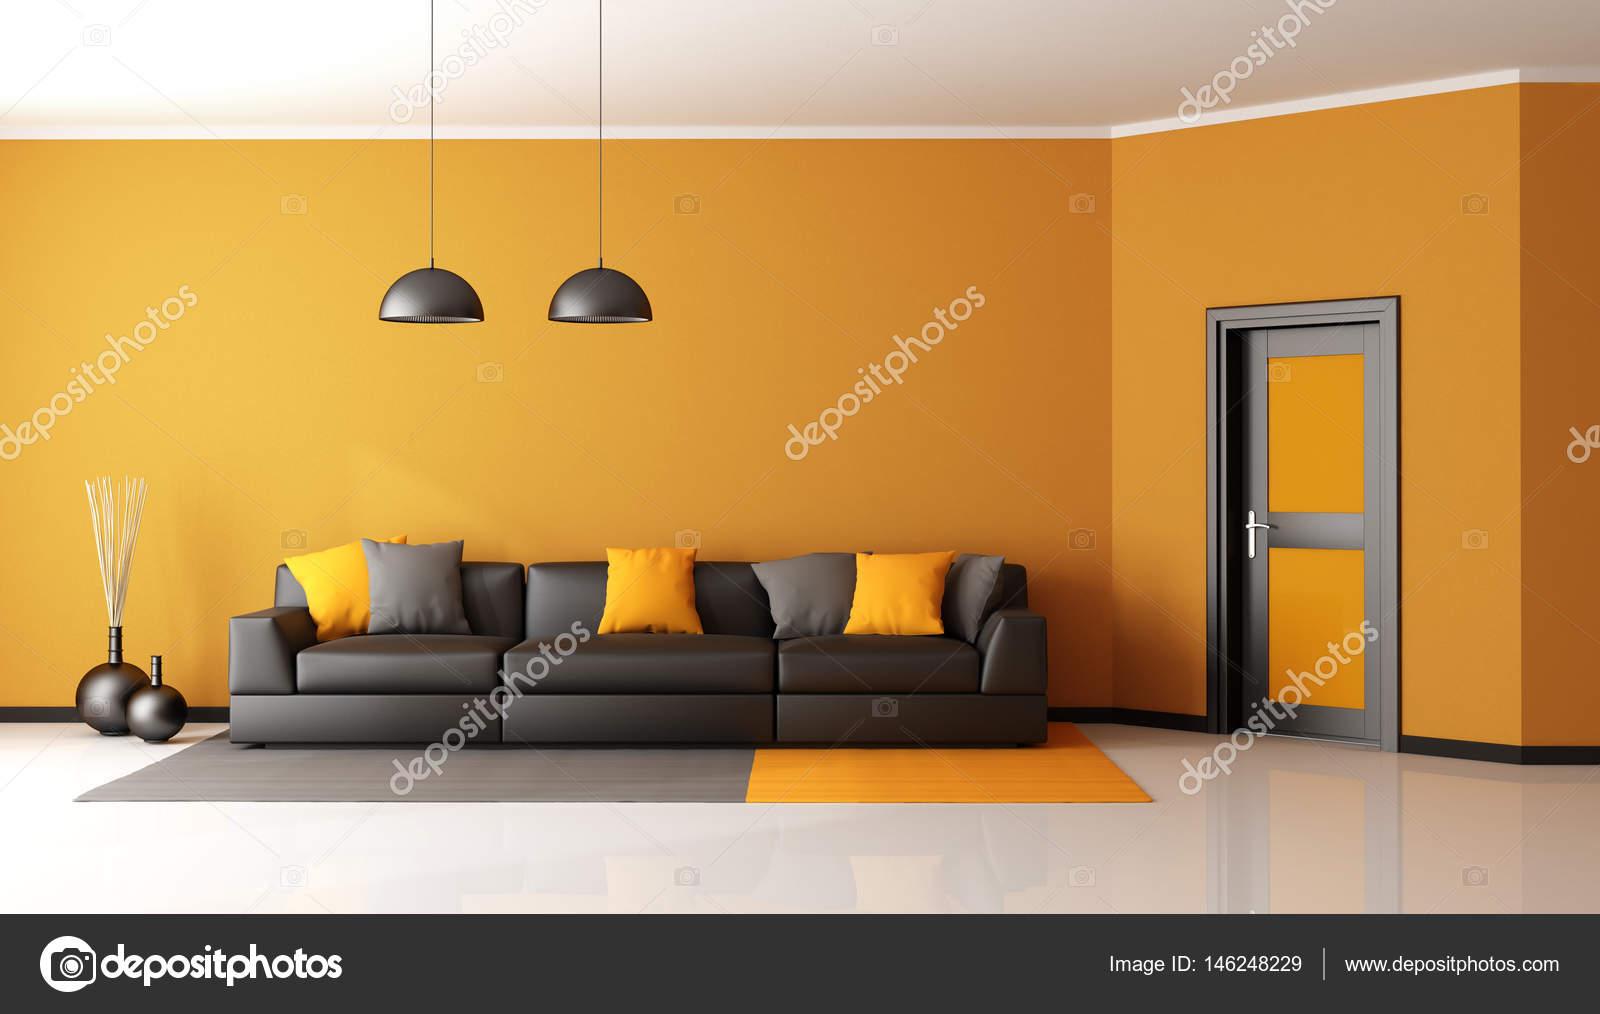 schwarz und orange Wohnzimmer — Stockfoto © archideaphoto #146248229